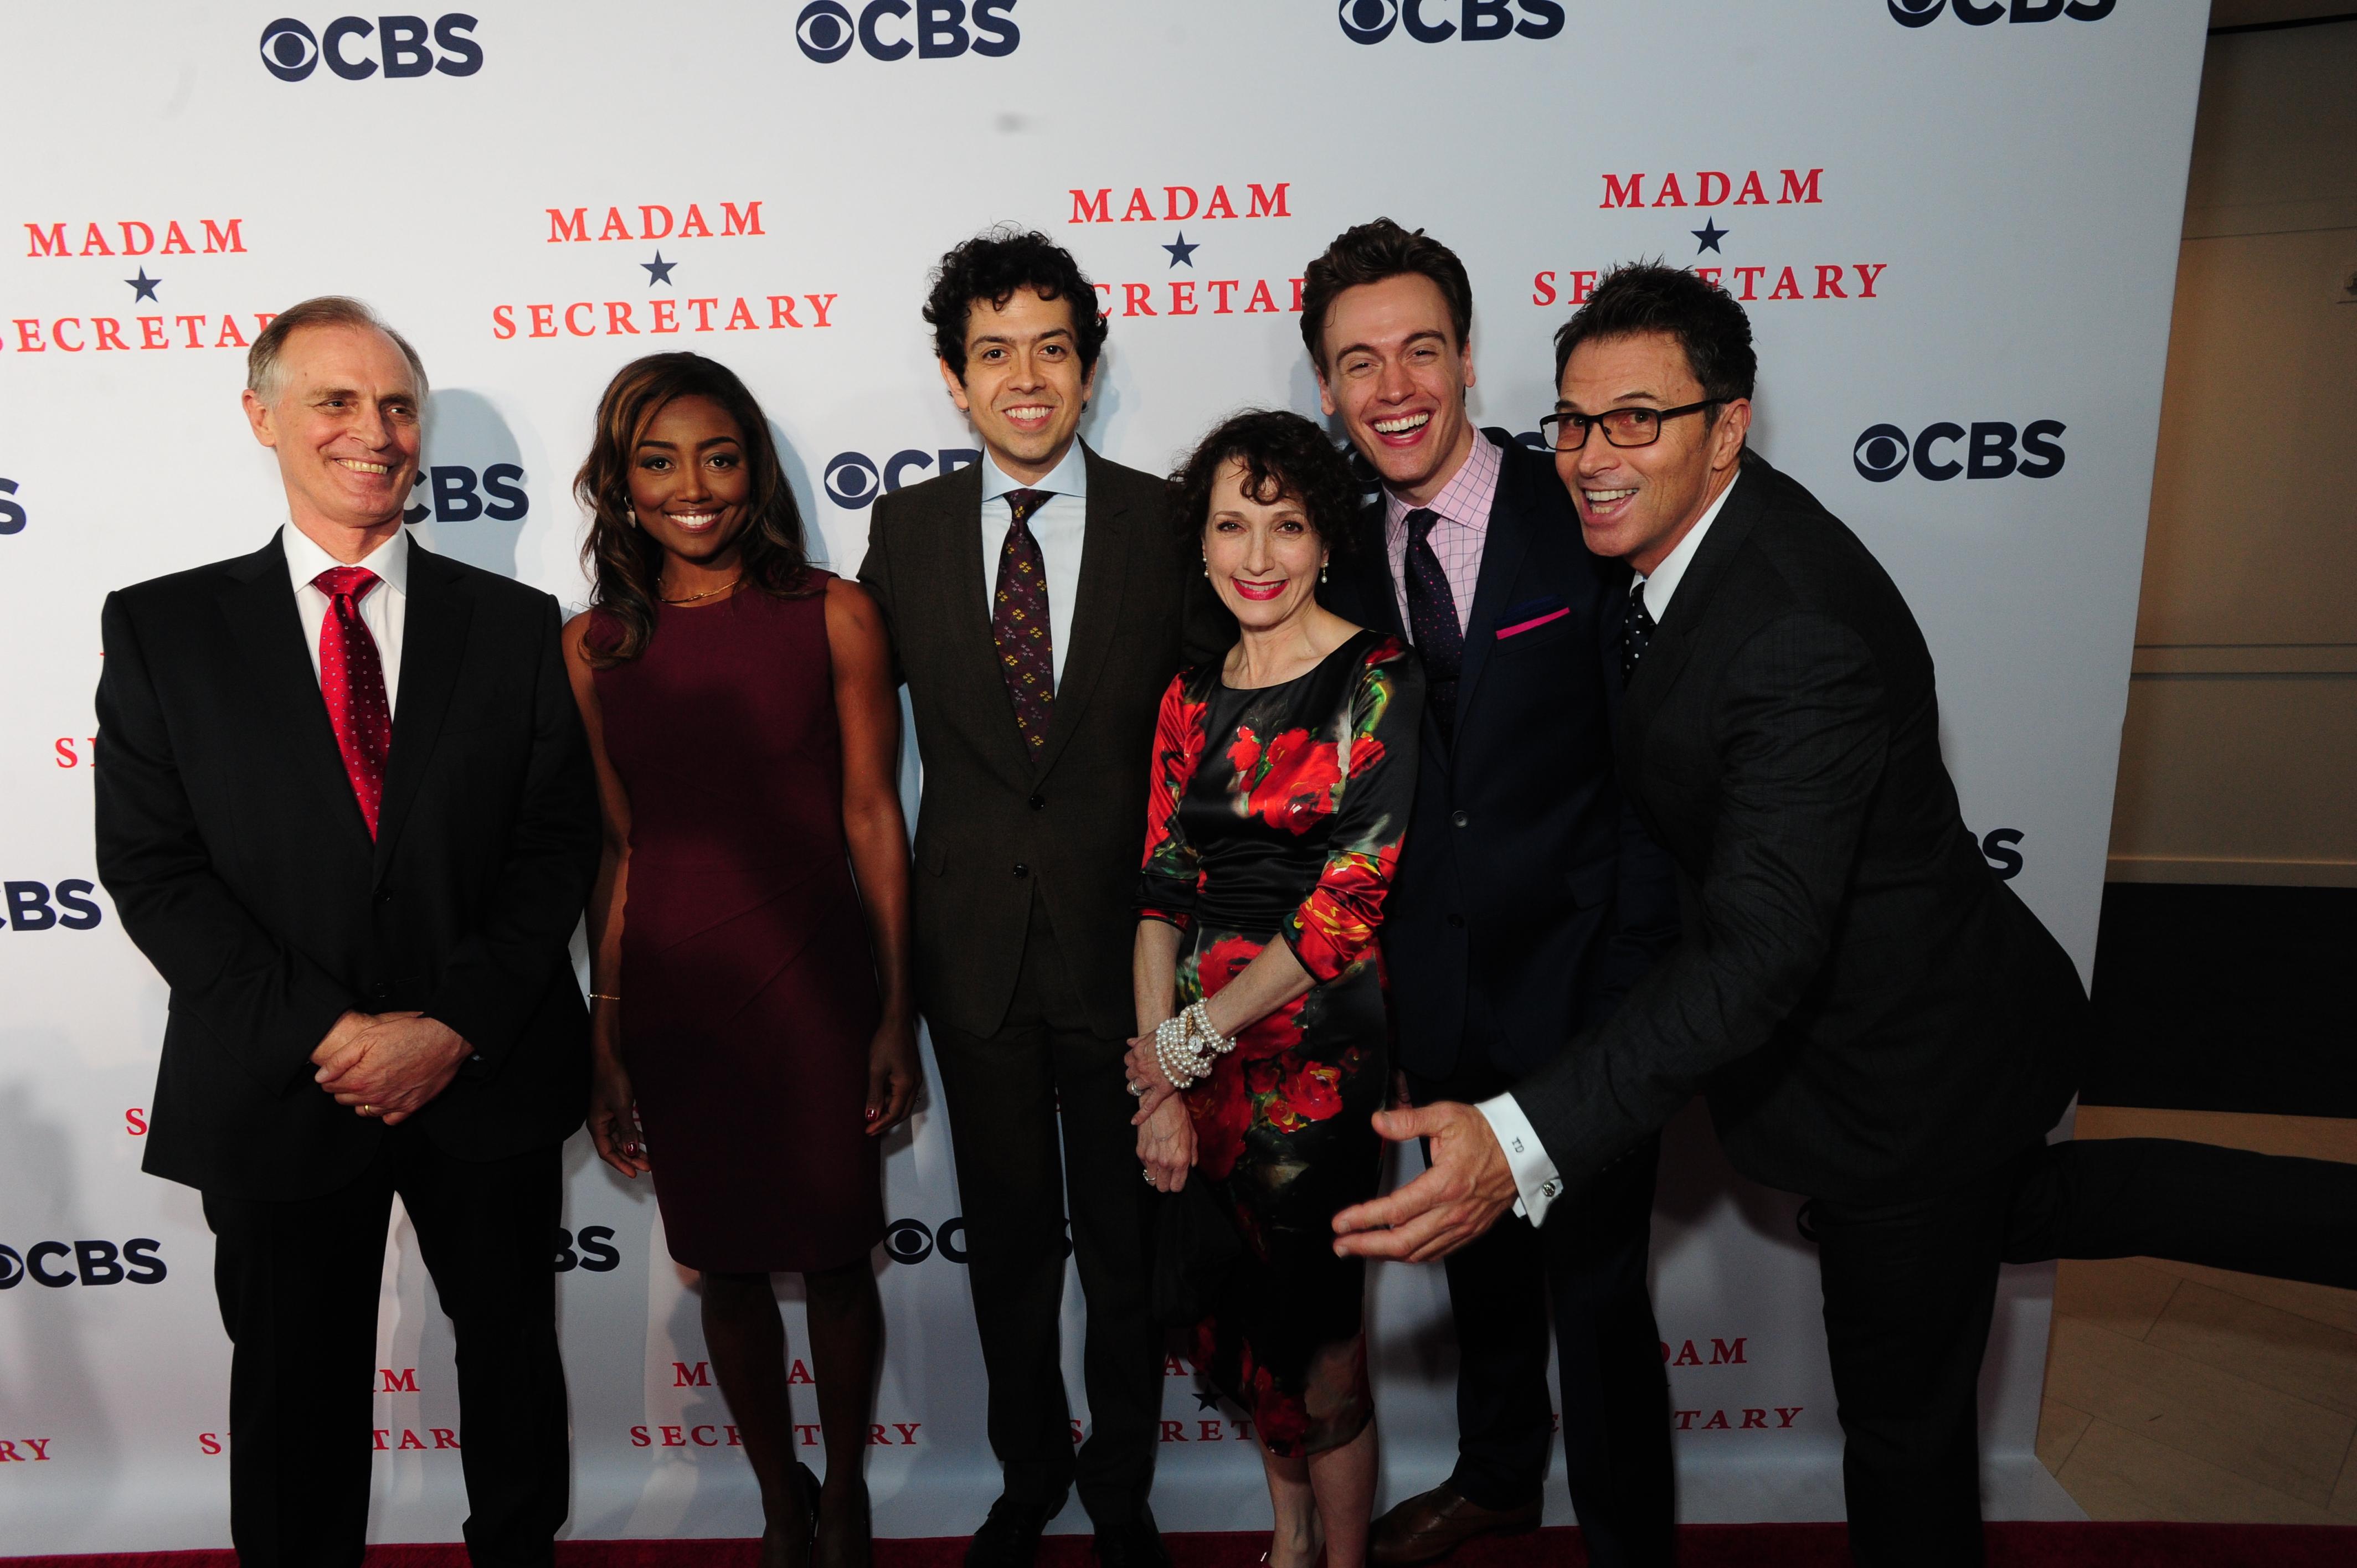 The Madam Secretary Cast